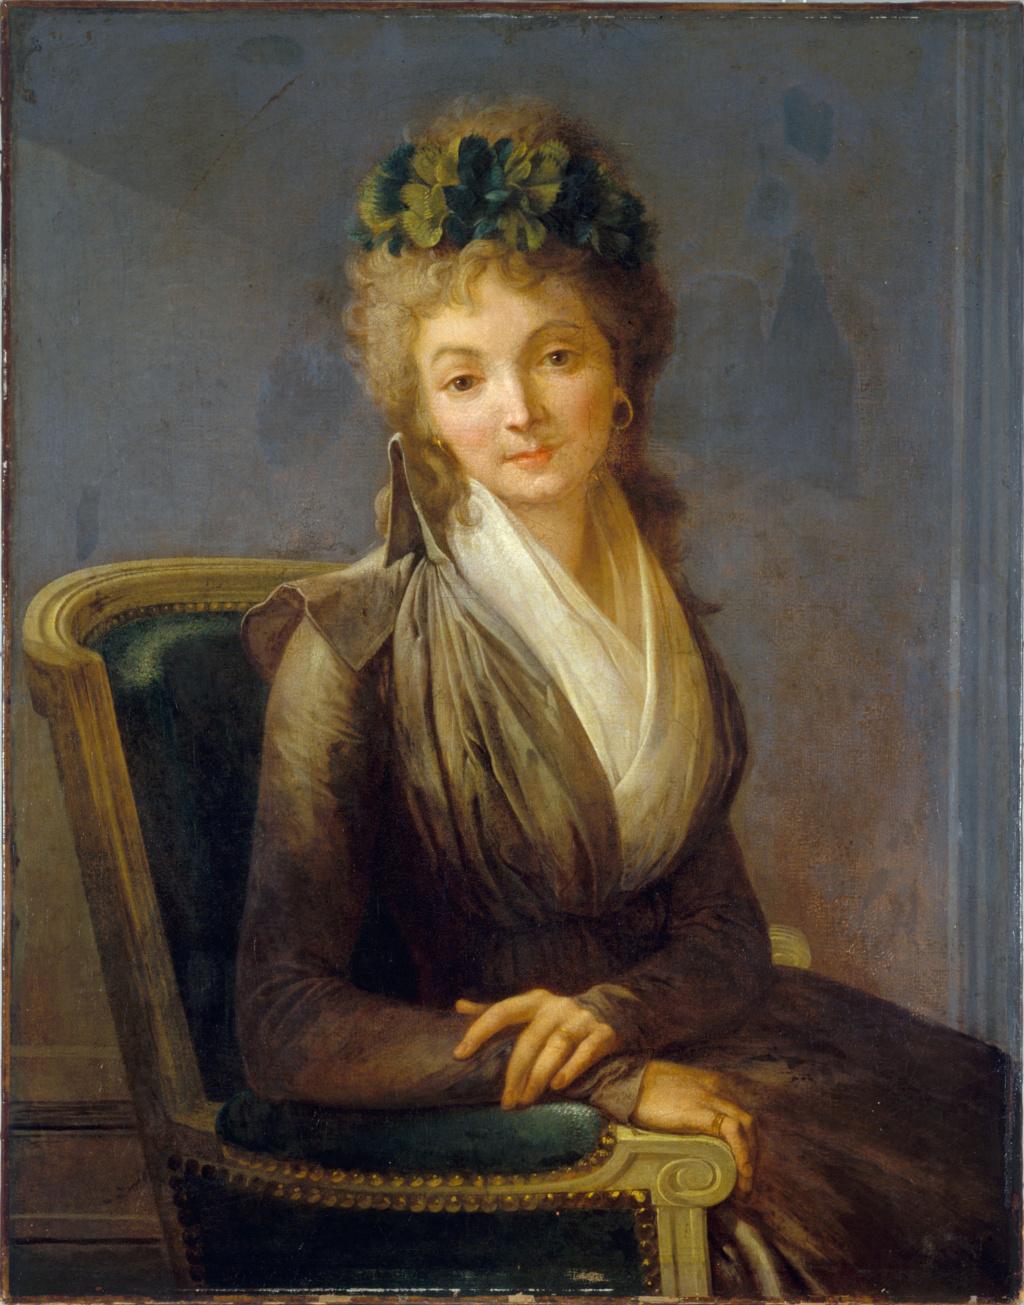 Galerie de portraits : Le manchon au XVIIIe siècle  - Page 3 Image_60